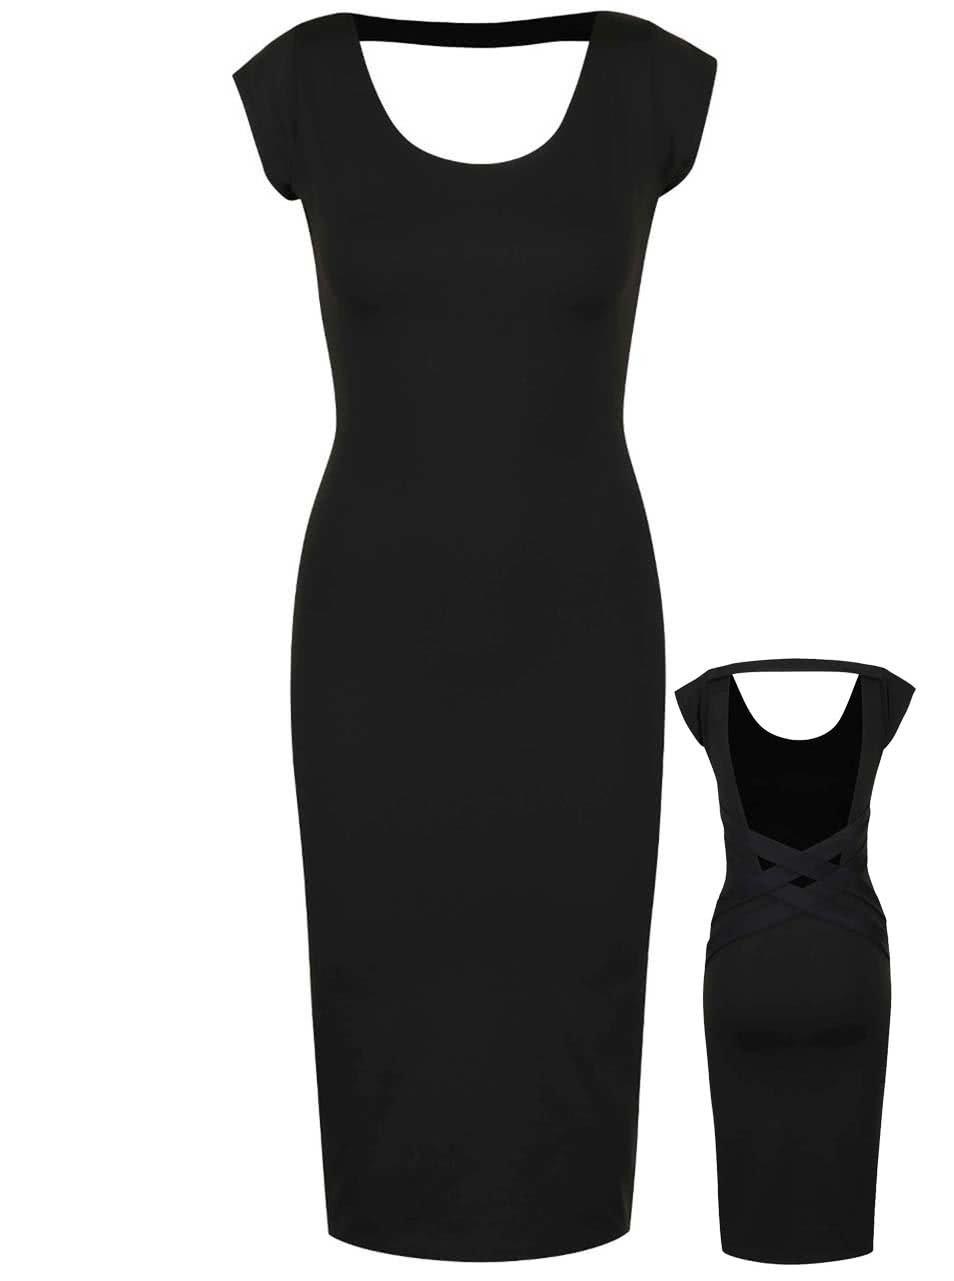 e4101b8c15bf Černé elastické šaty s odhalenými zády Quontum ...